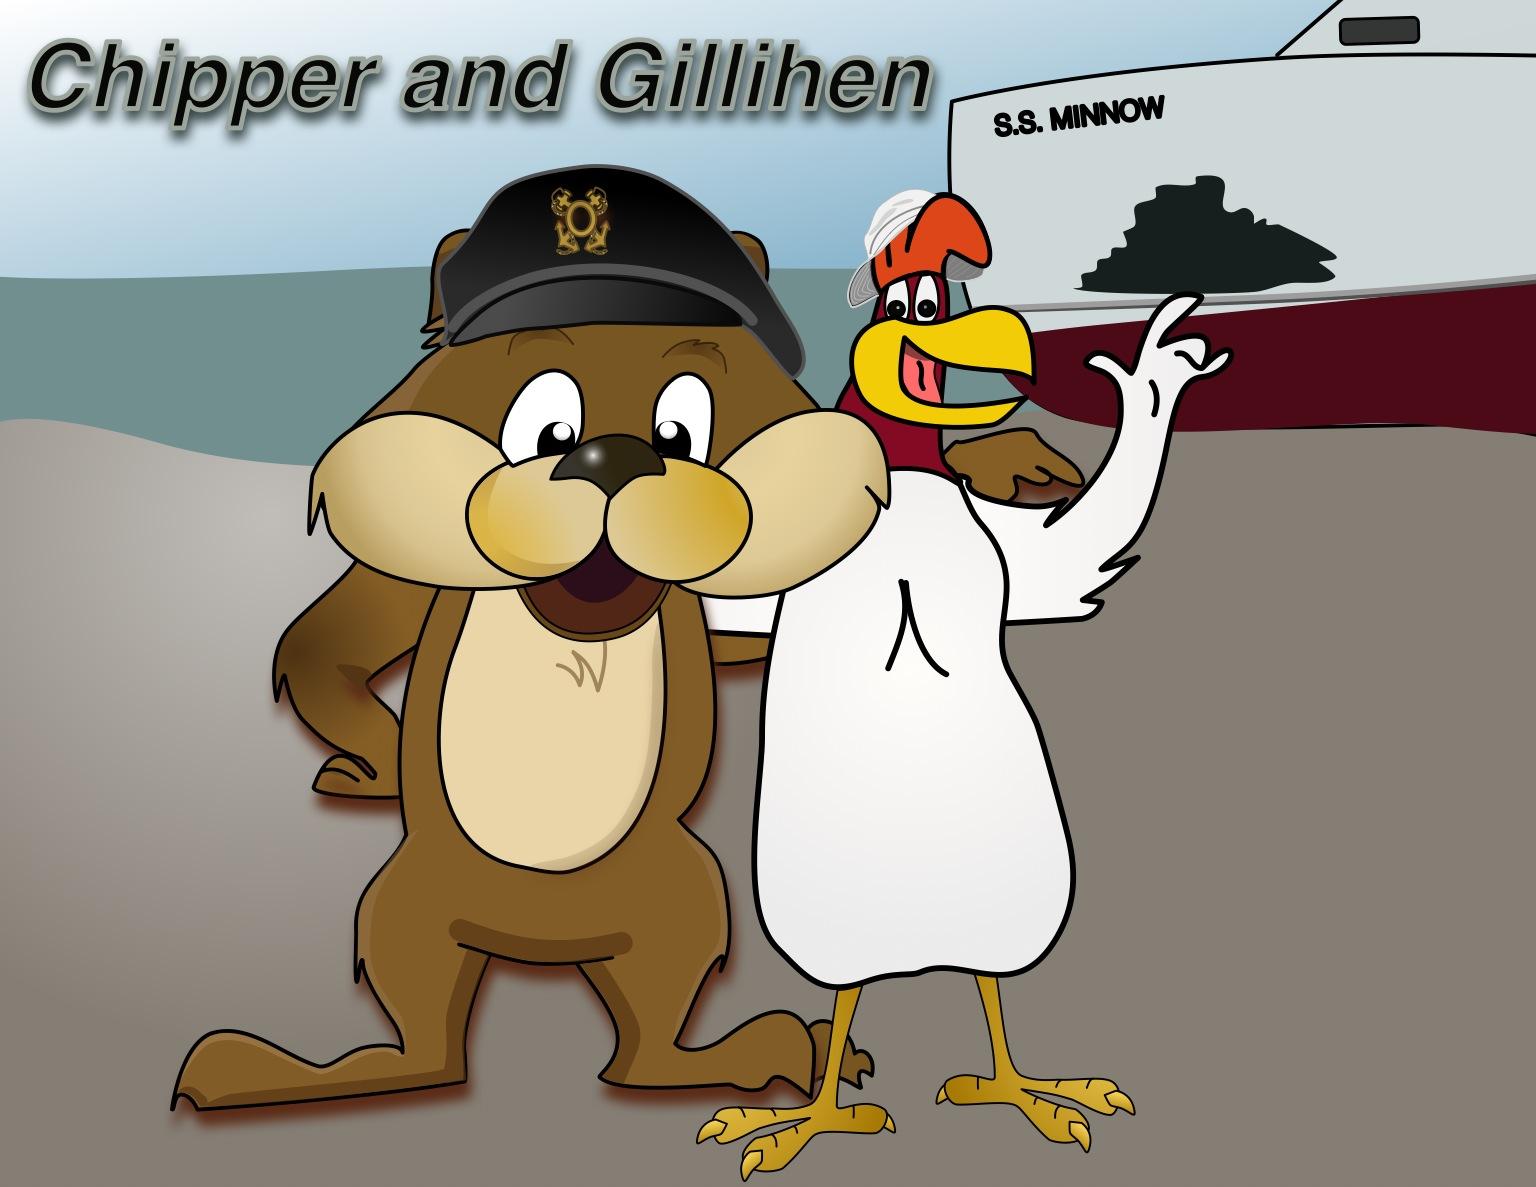 Chipper and Gillihen Cartoon Series